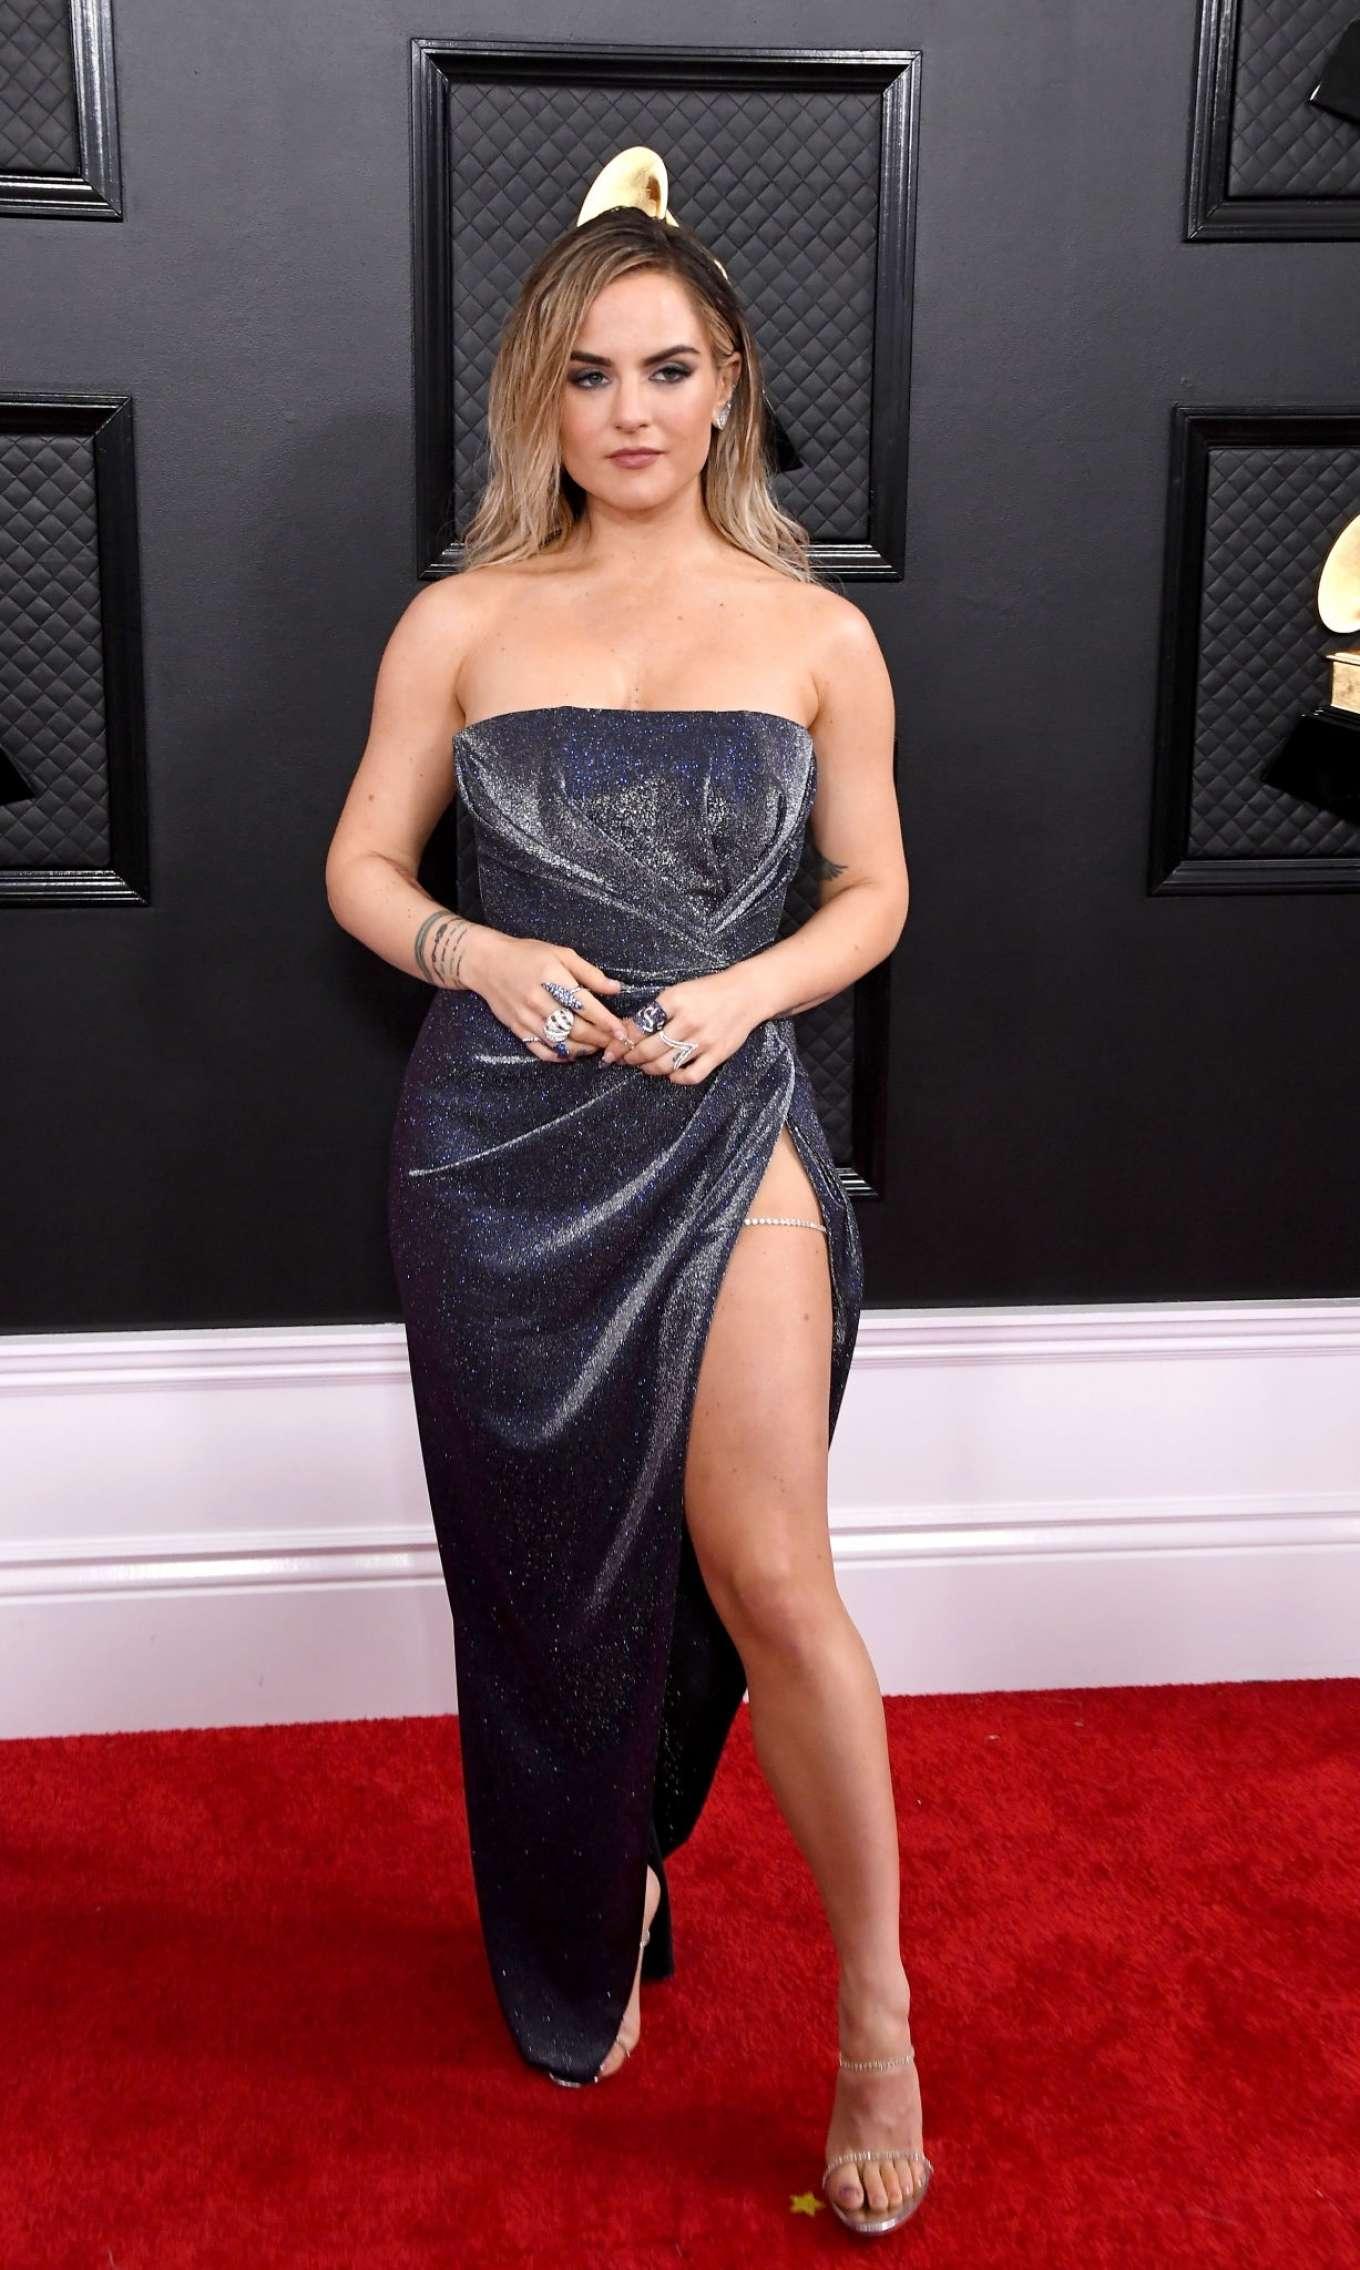 Joanna JoJo Levesque 2020 : Joanna JoJo Levesque – 2020 Grammy Awards-33